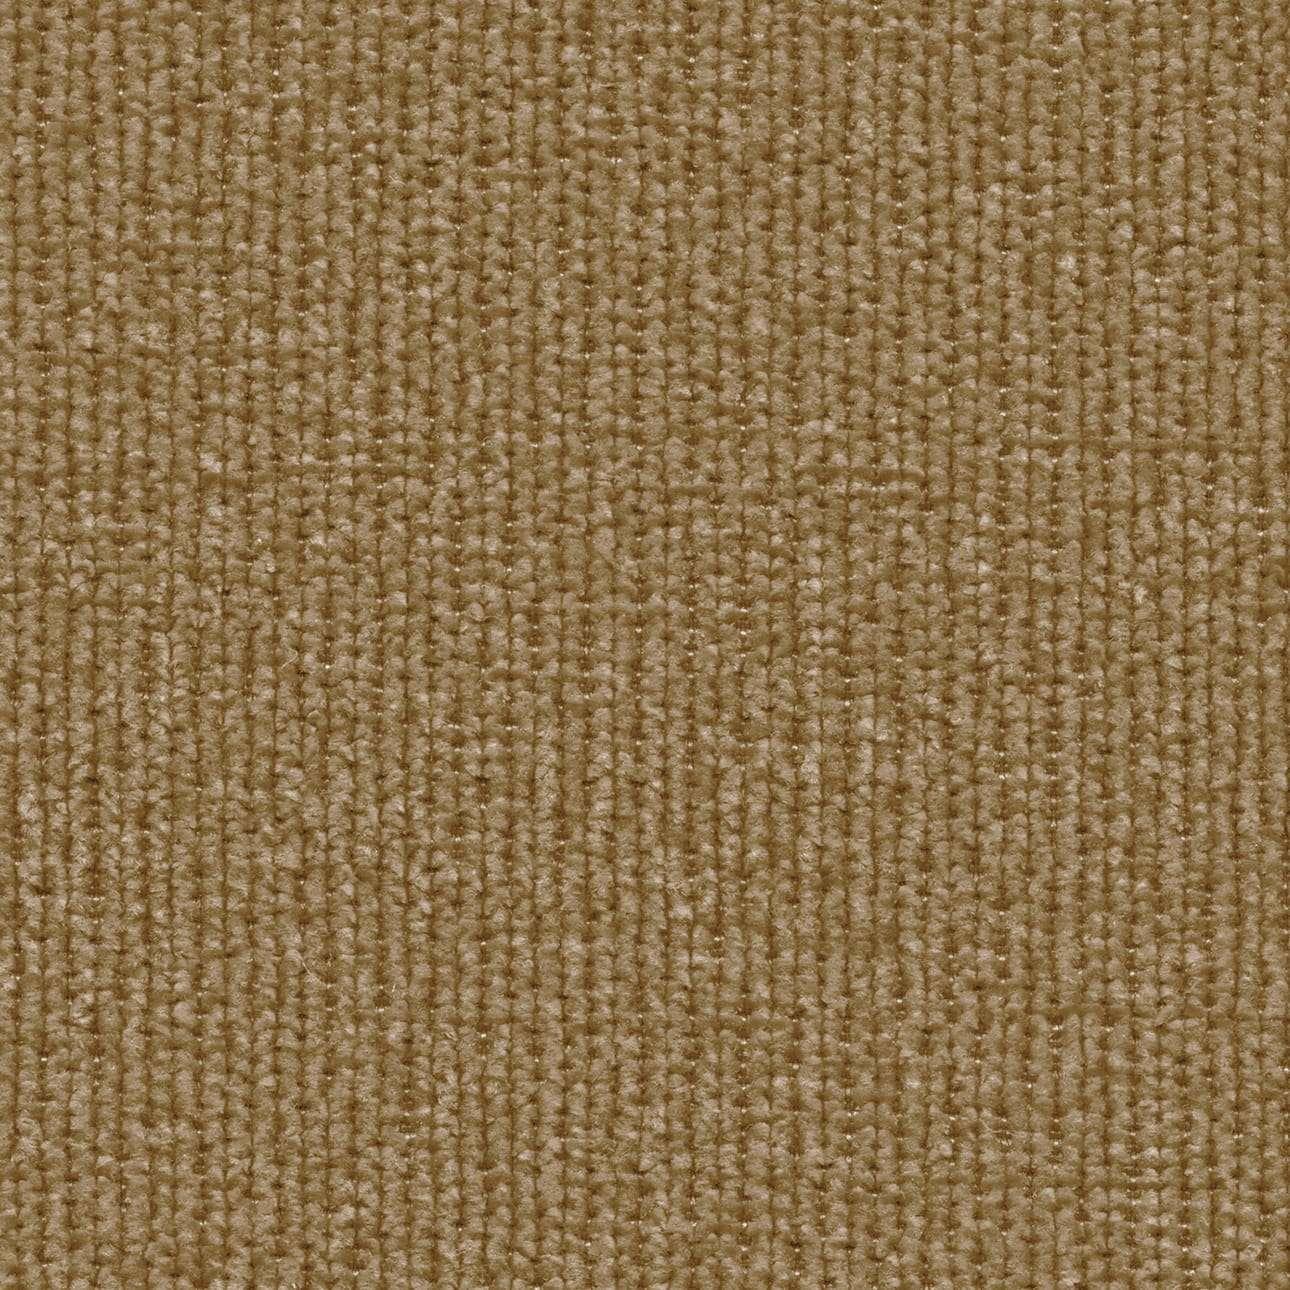 Karlanda 2-Sitzer Sofabezug nicht ausklappbar kurz von der Kollektion Living, Stoff: 160-92